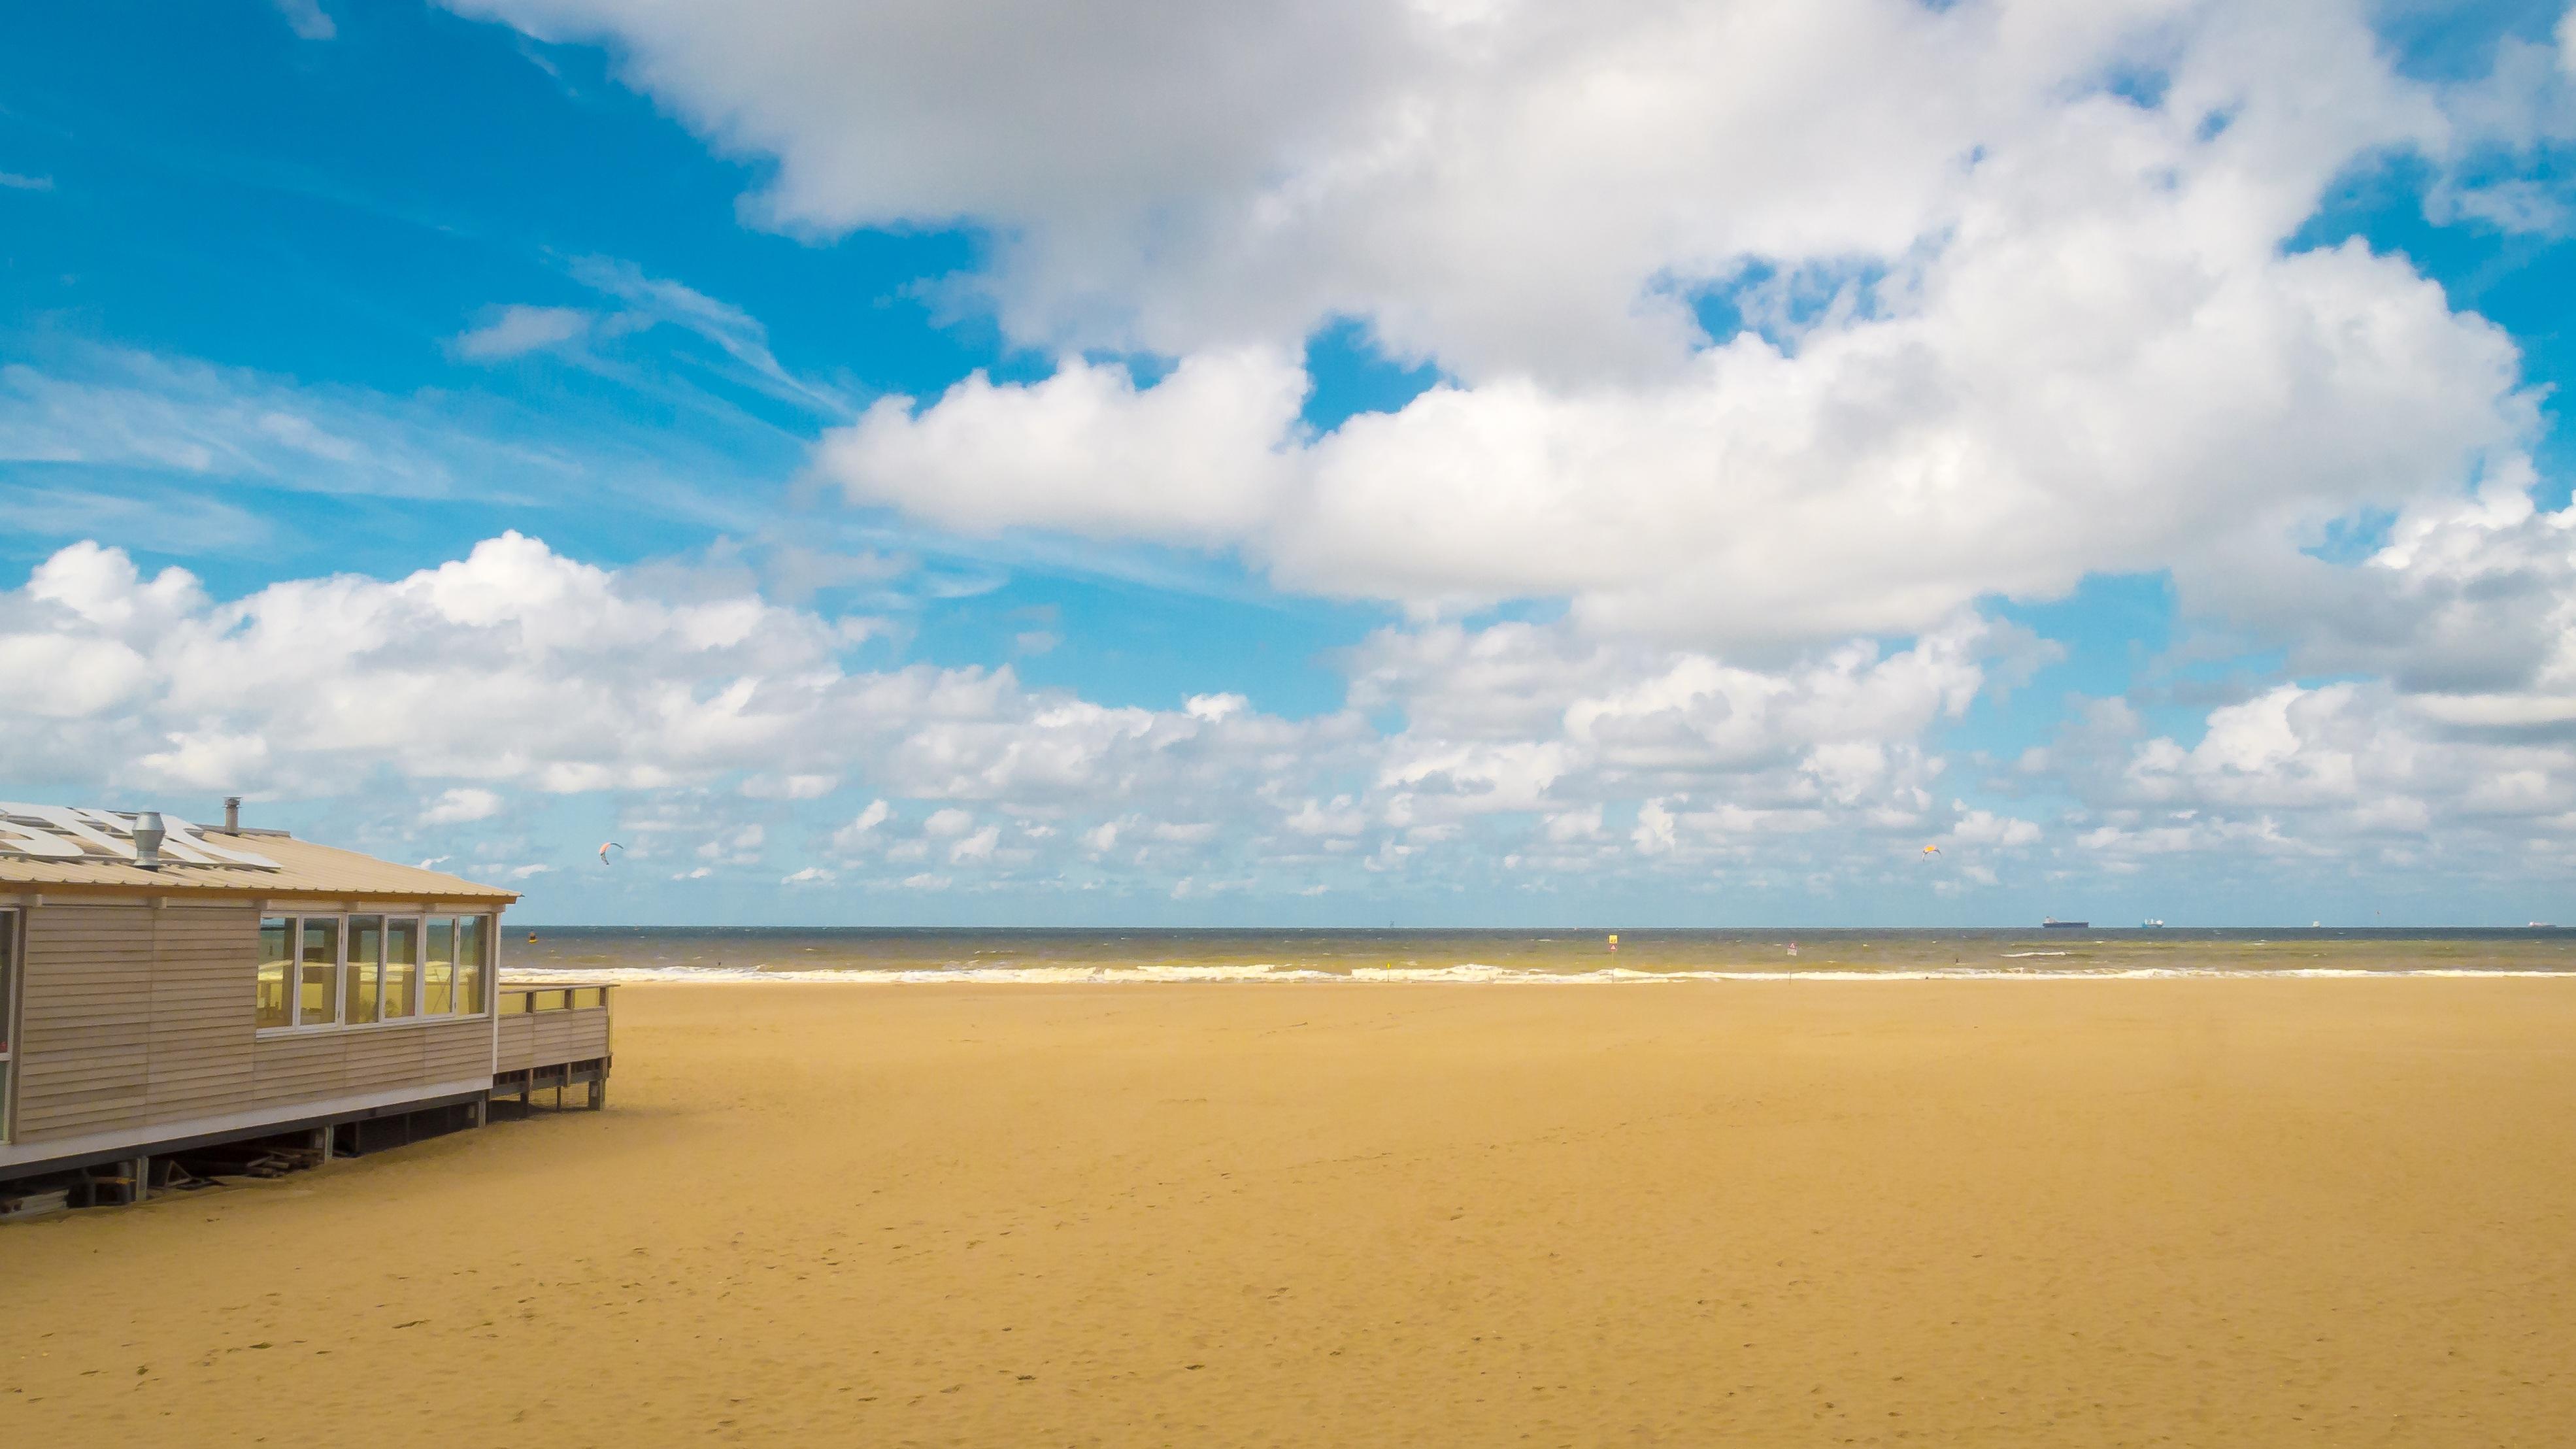 Exceptionnel Images Gratuites : plage, paysage, mer, côte, eau, le sable, océan  MZ51